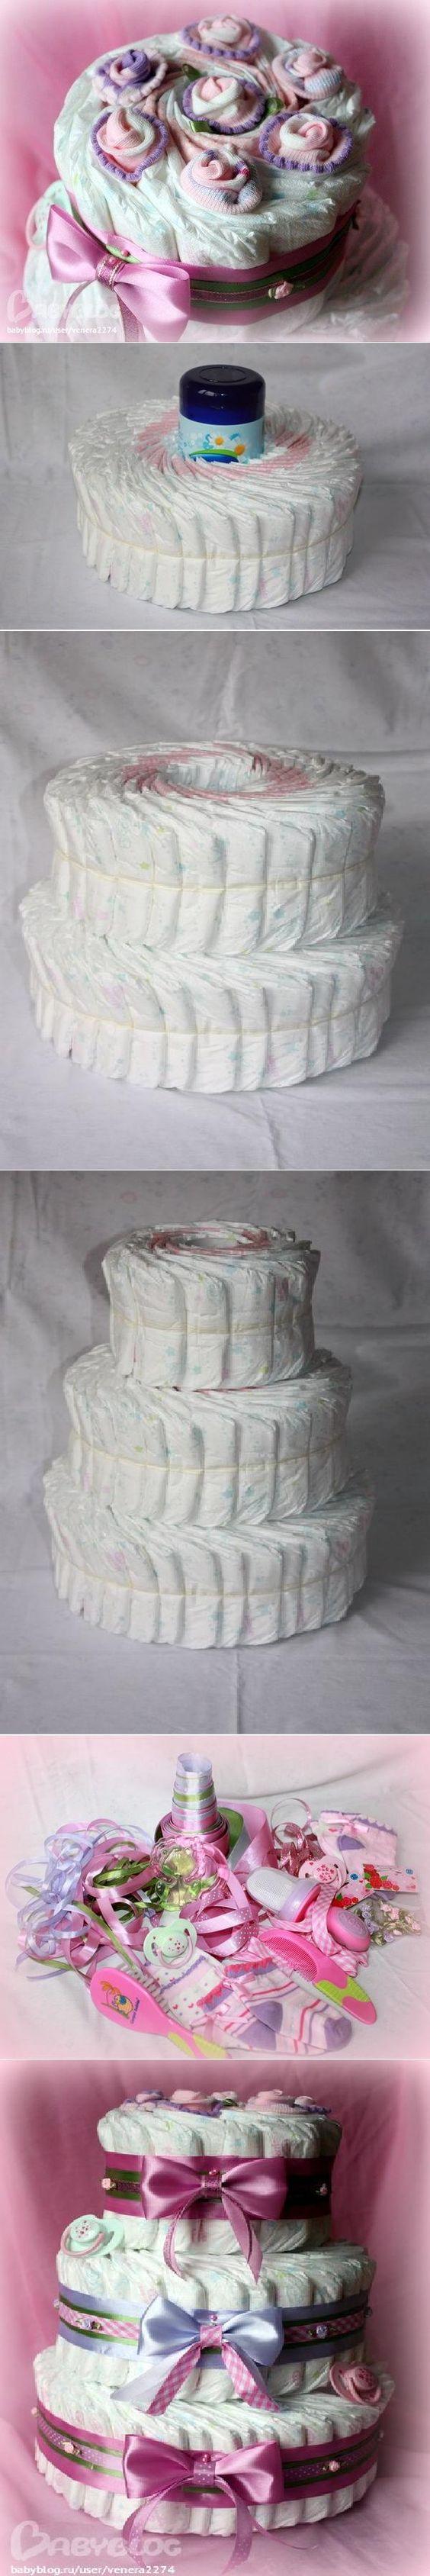 как сделать торт из подгузников